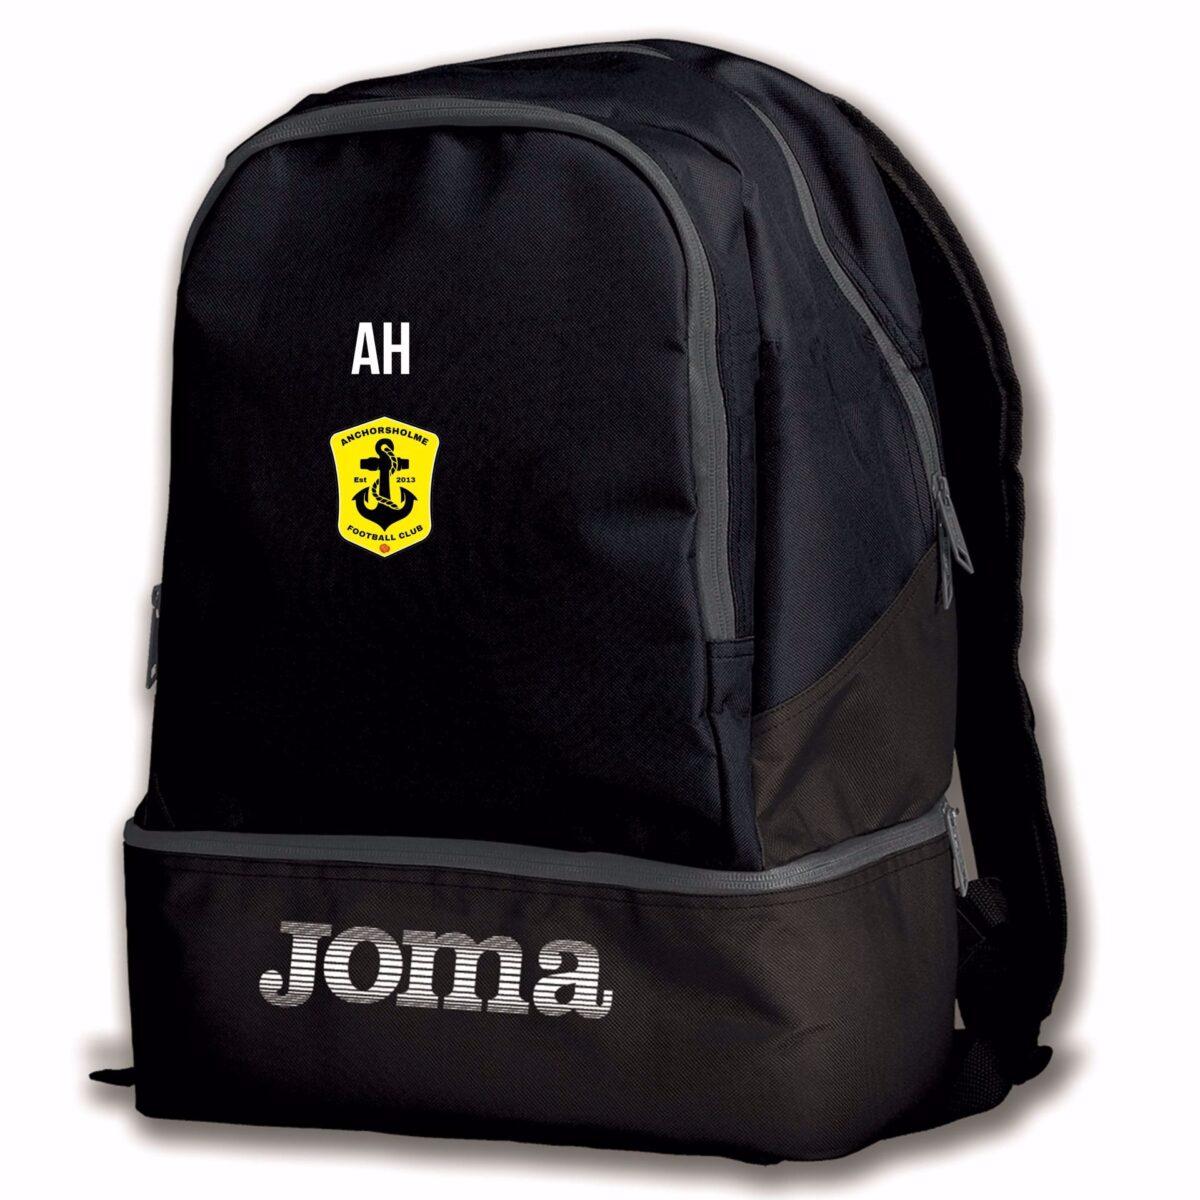 Estadio III Backpack 400234.100 - Anchorsholme FC